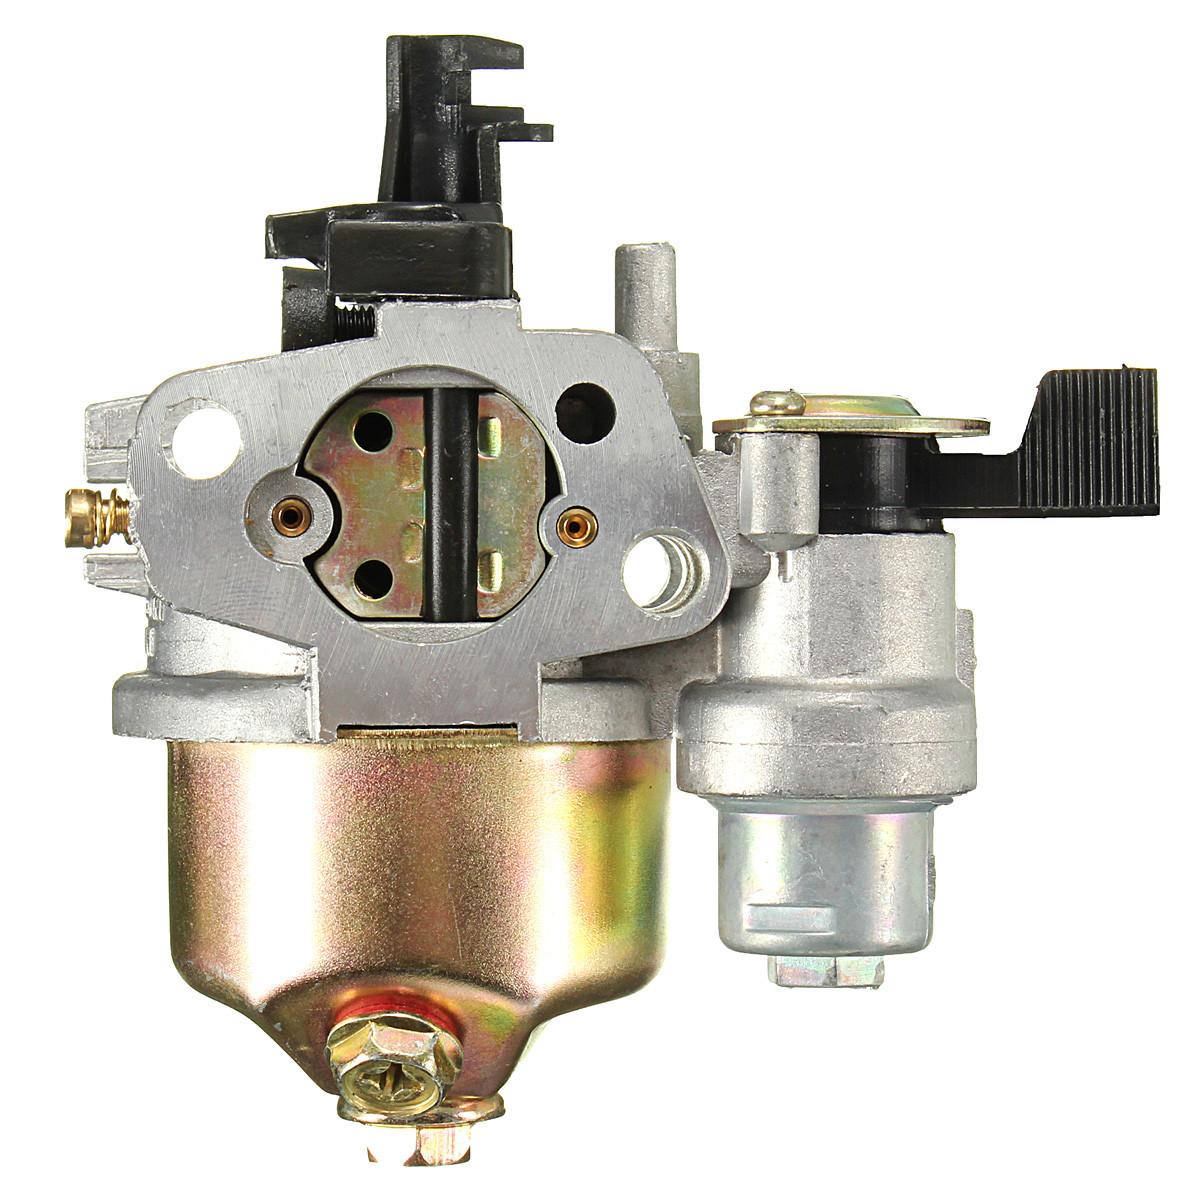 Replacement Carburetor Carb For Honda Gx110 Gx120 110 120